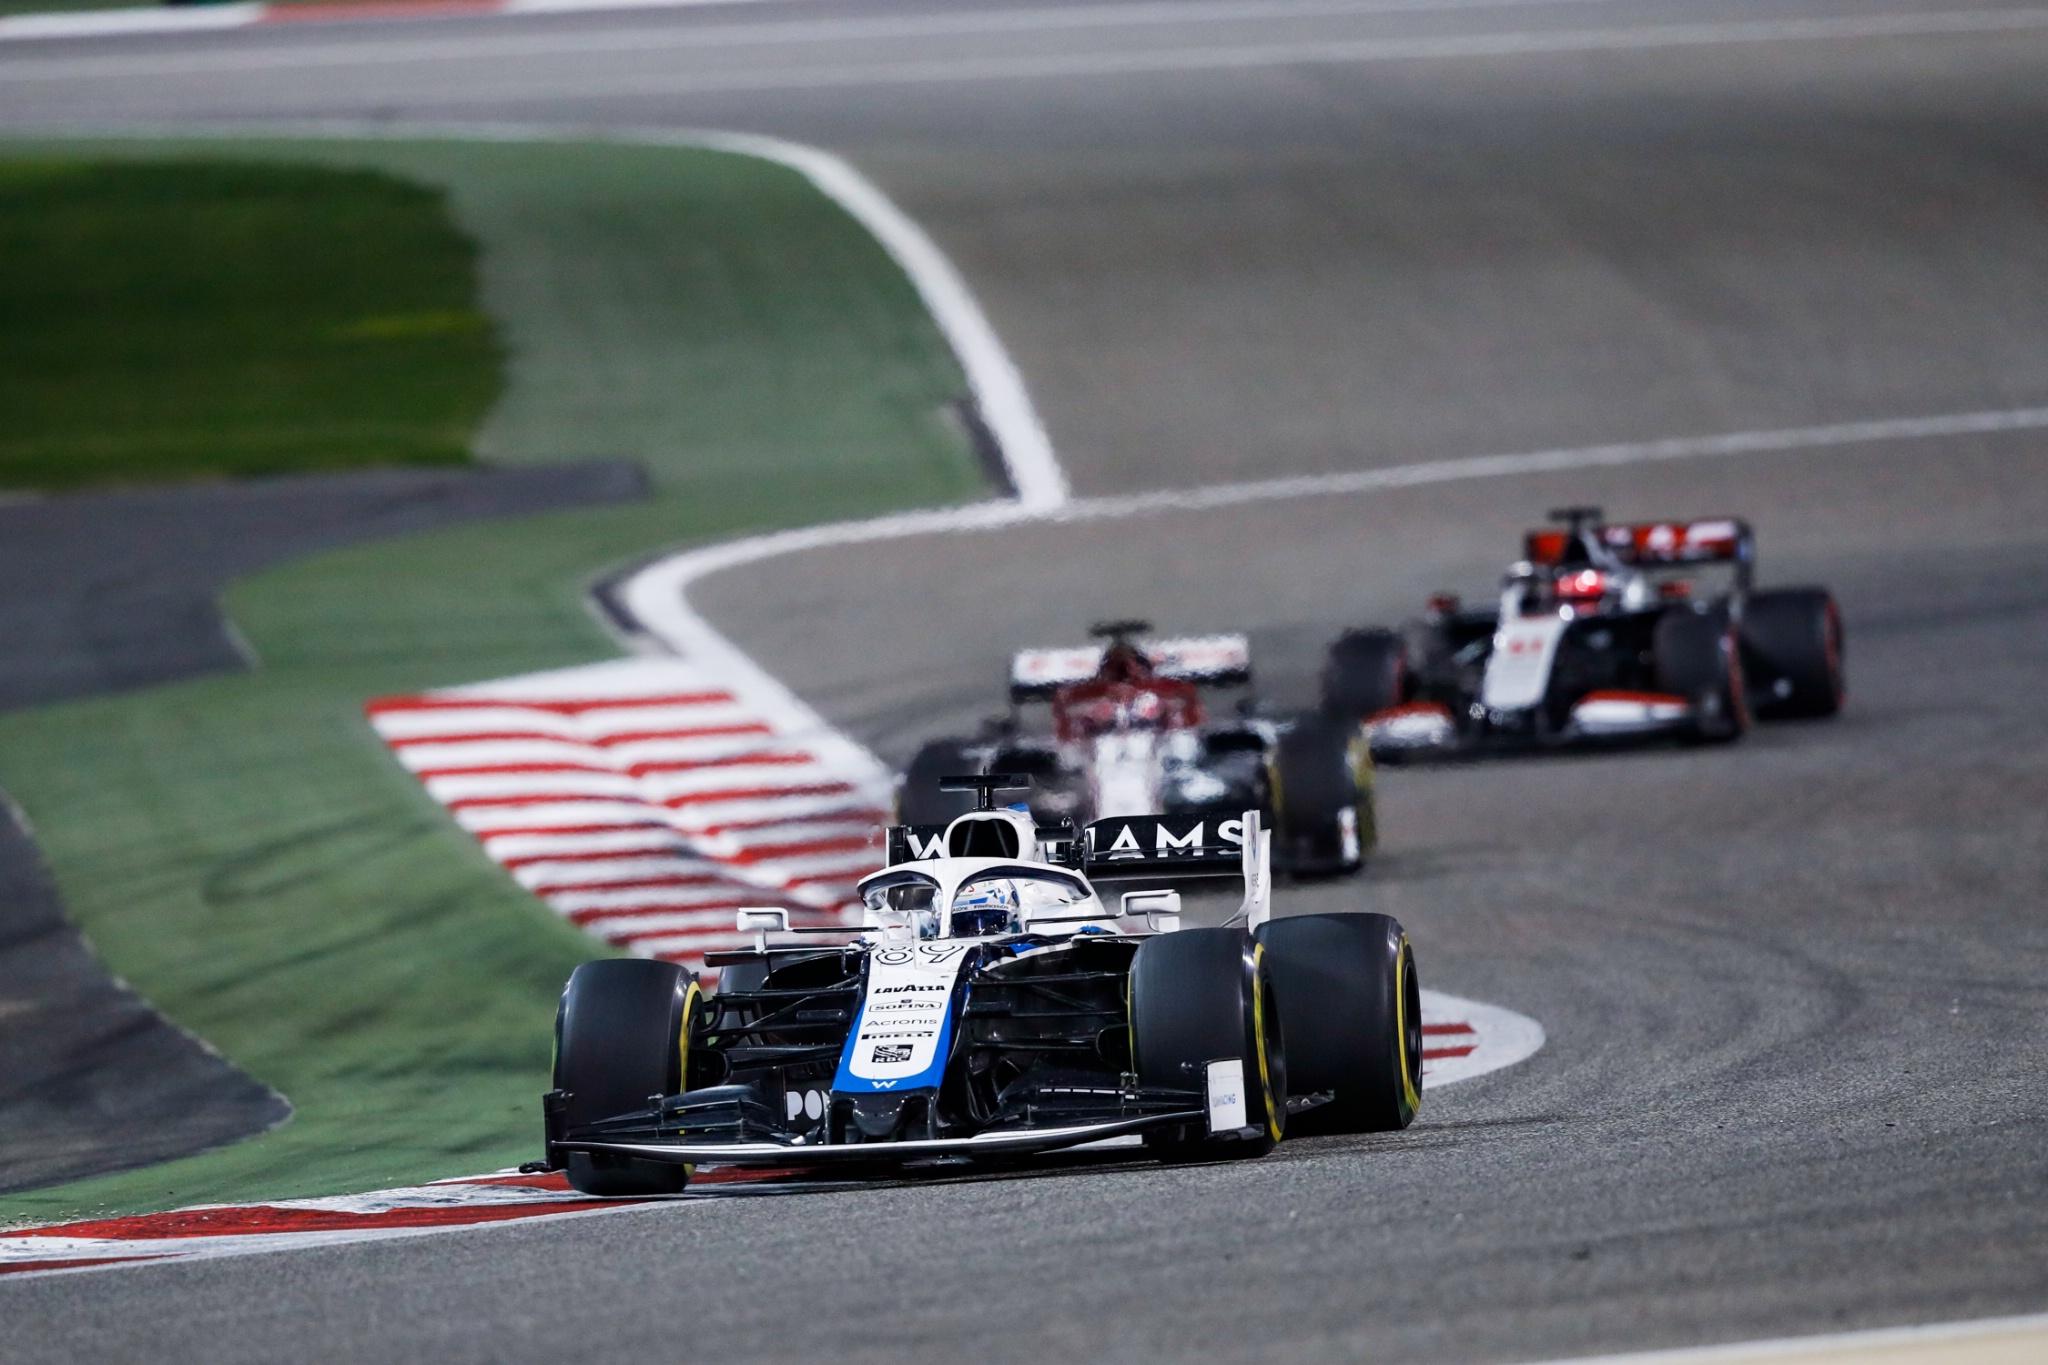 Jack Aitken (GBR) / (KOR) Williams Racing FW43.